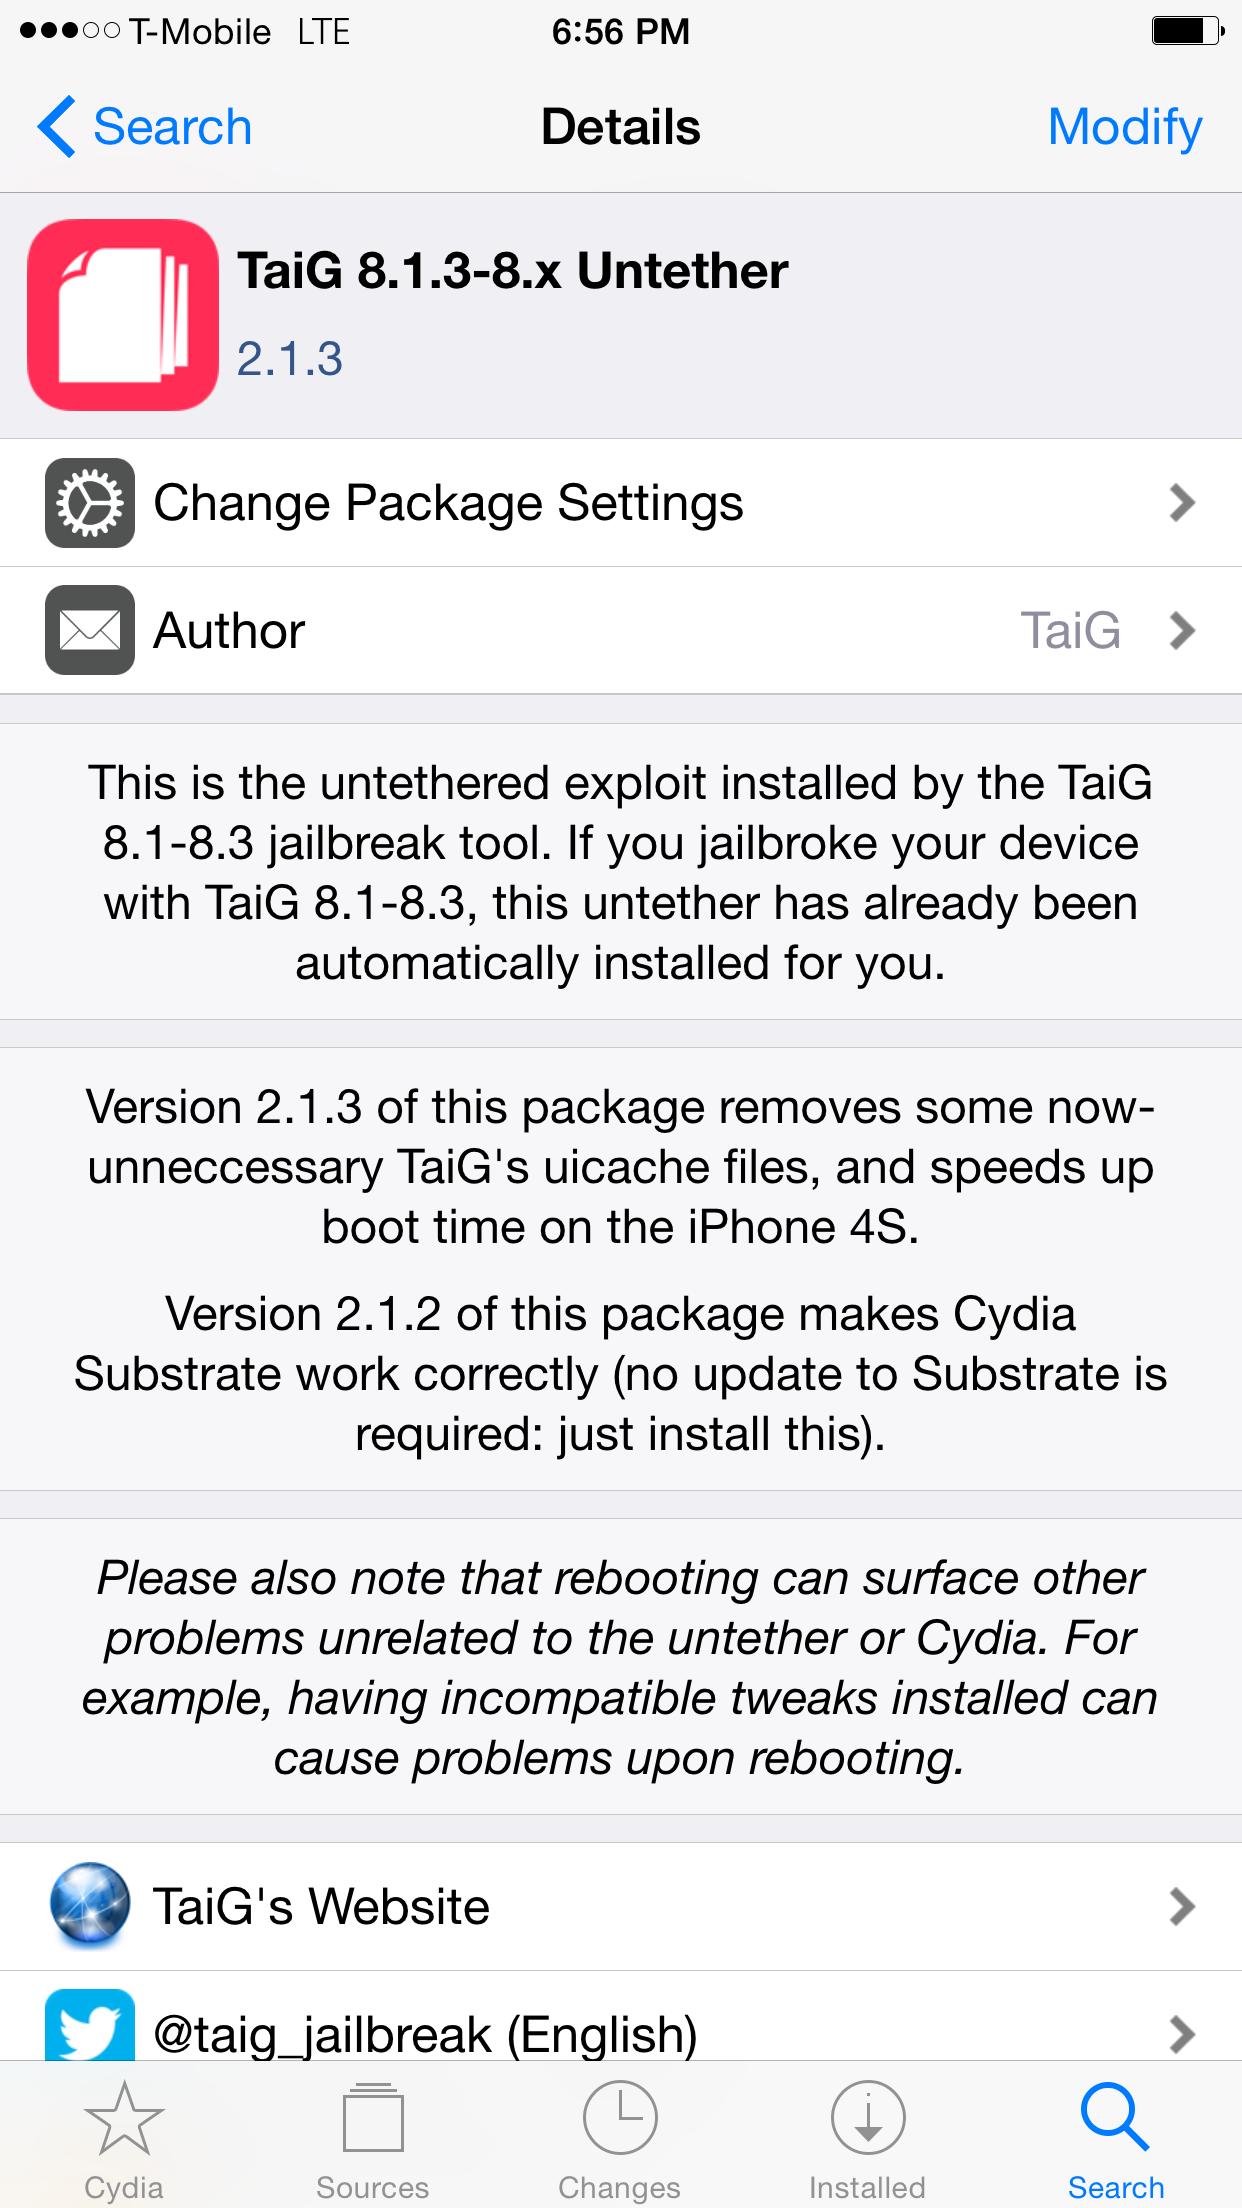 TaiG 2.1.3 Untether